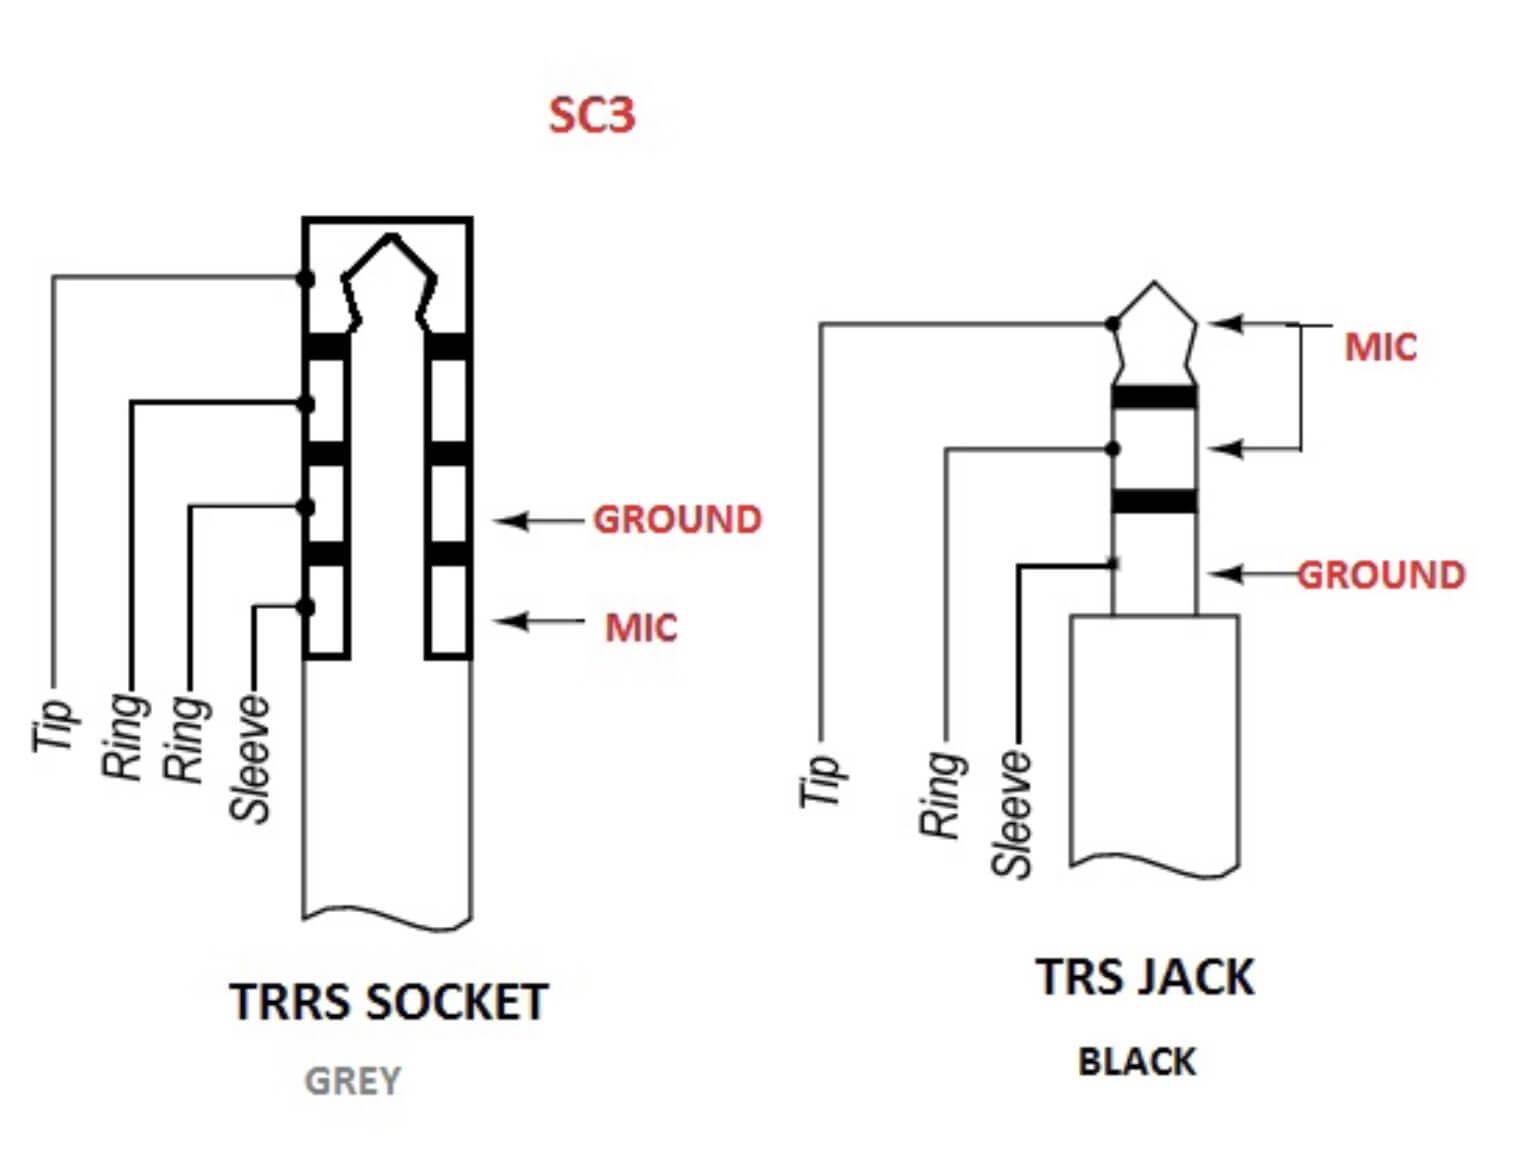 Fiche_SC3_TRRS_TRS